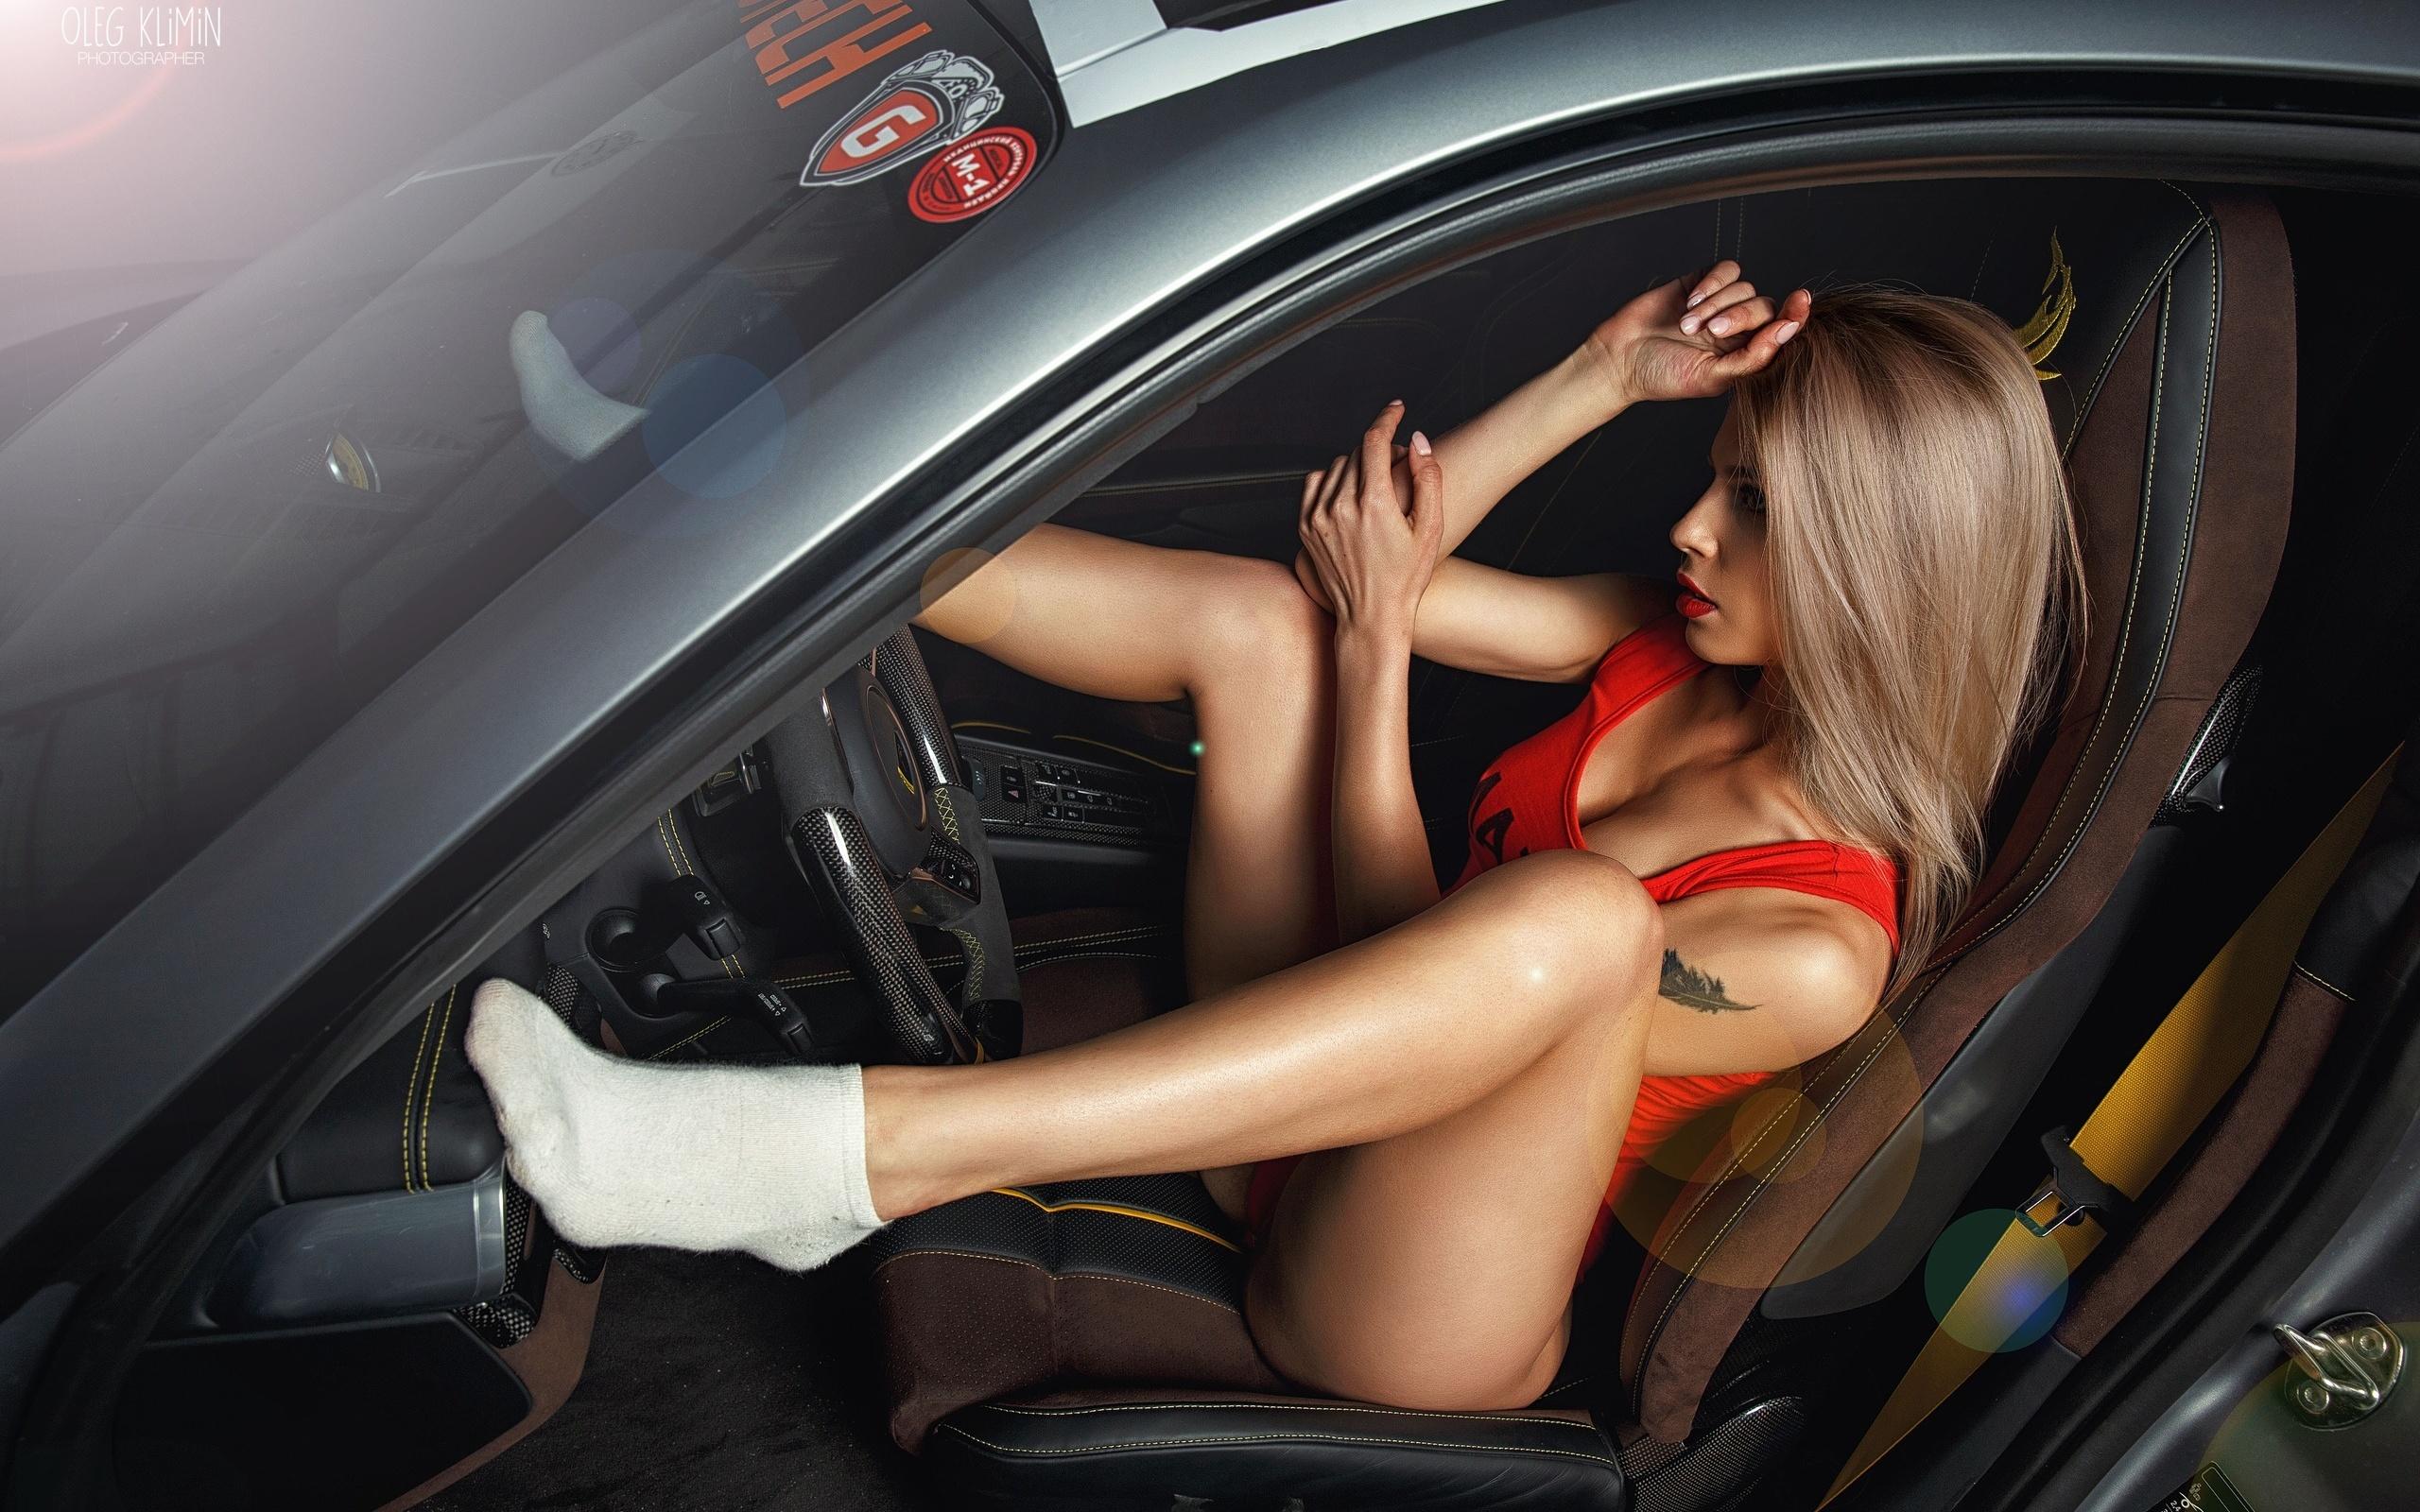 Салон авто и телки, жирные пышные толстухи порно фото